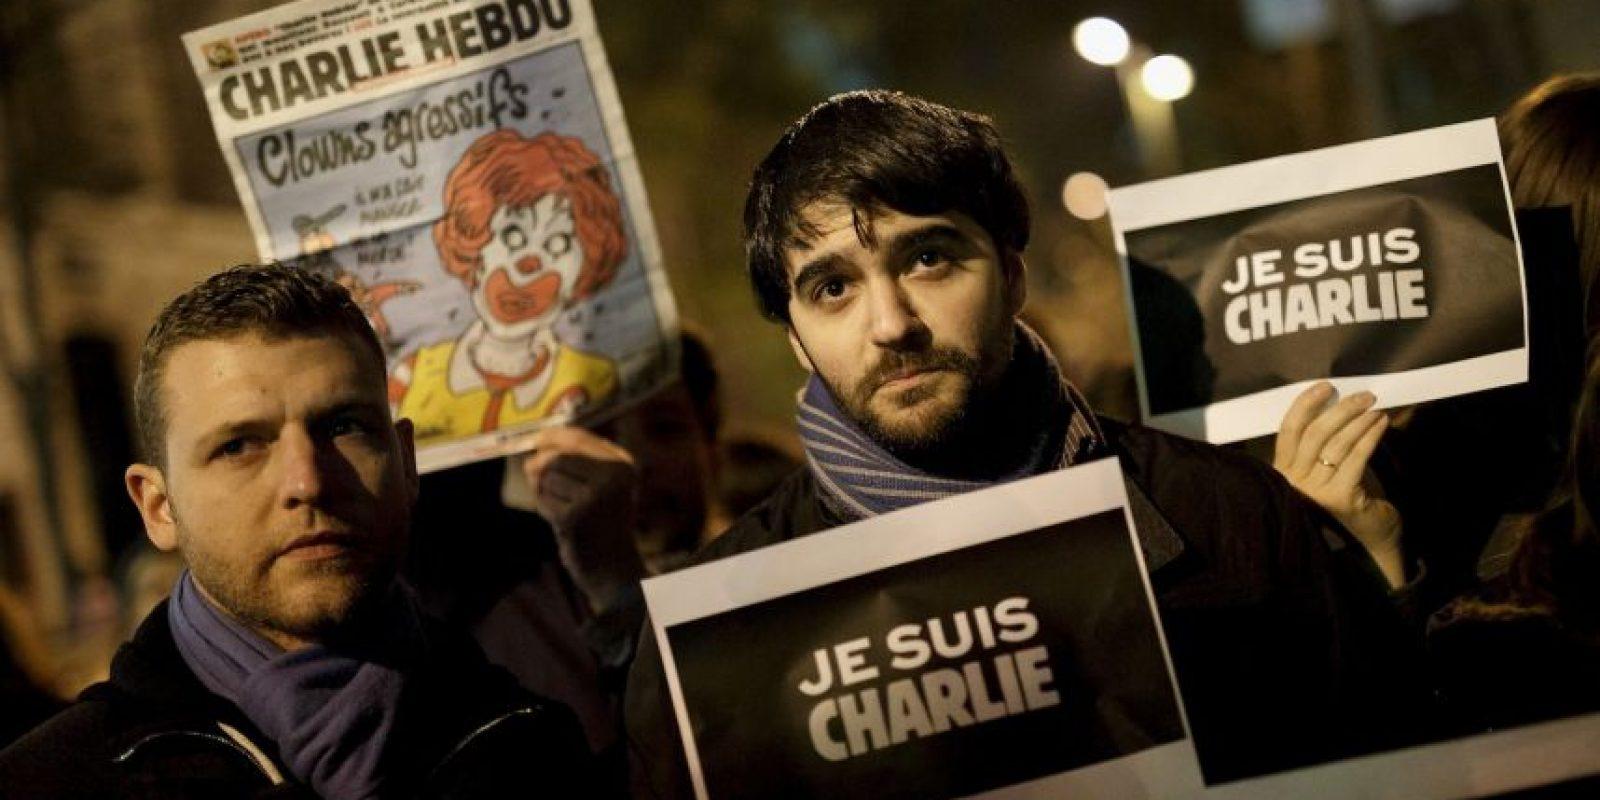 El ataque causó indignación respecto a la libertad de expresión. Foto:Getty Images